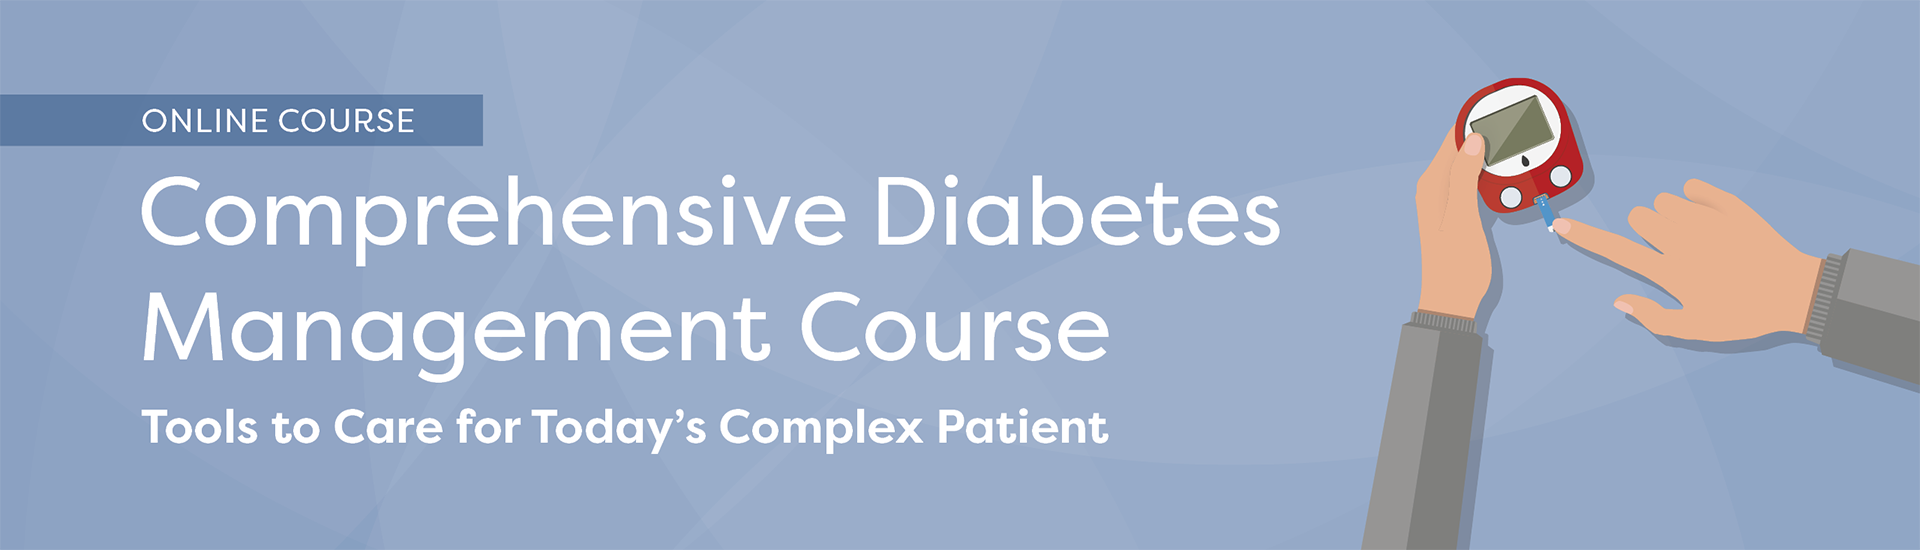 Comprehensive Diabetes Management Course